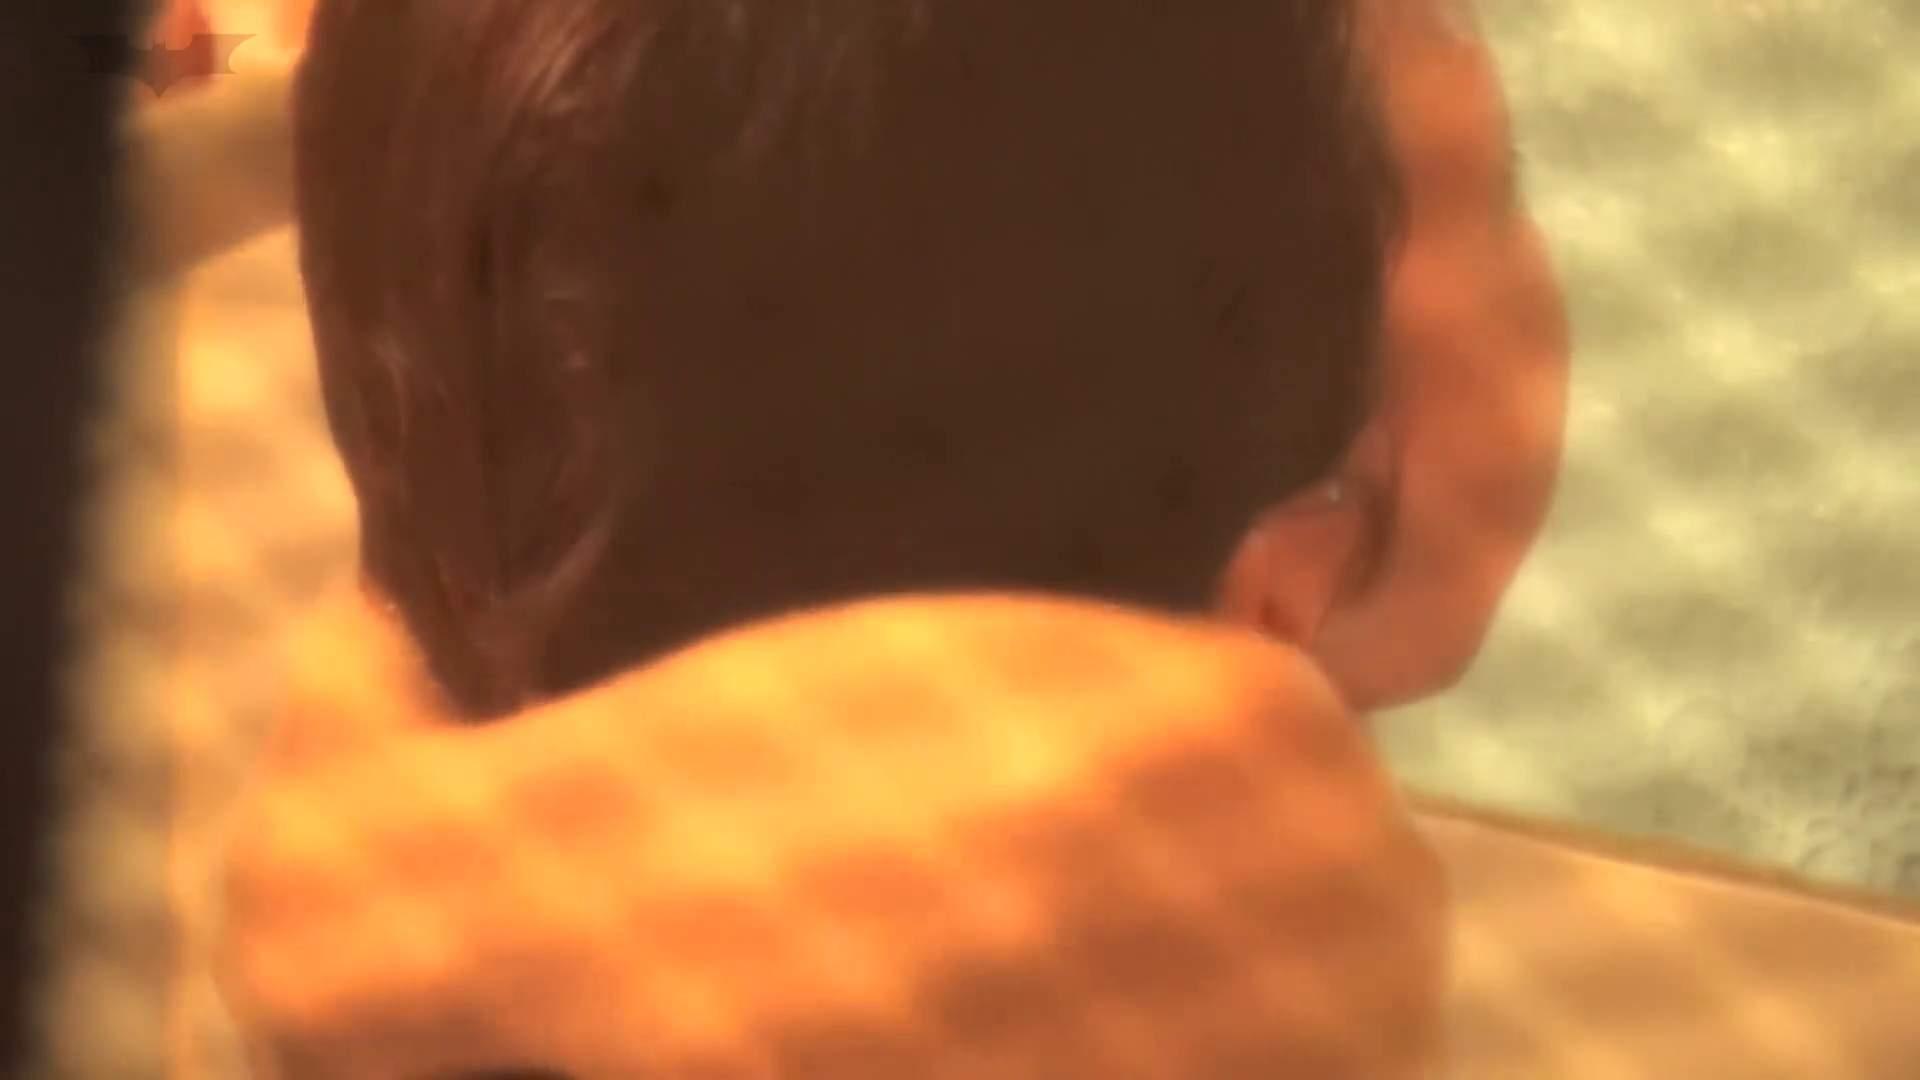 *華の女子寮ノゾキ* vol.01 JDデビューした音楽専攻のコ 高評価 AV動画キャプチャ 87画像 19